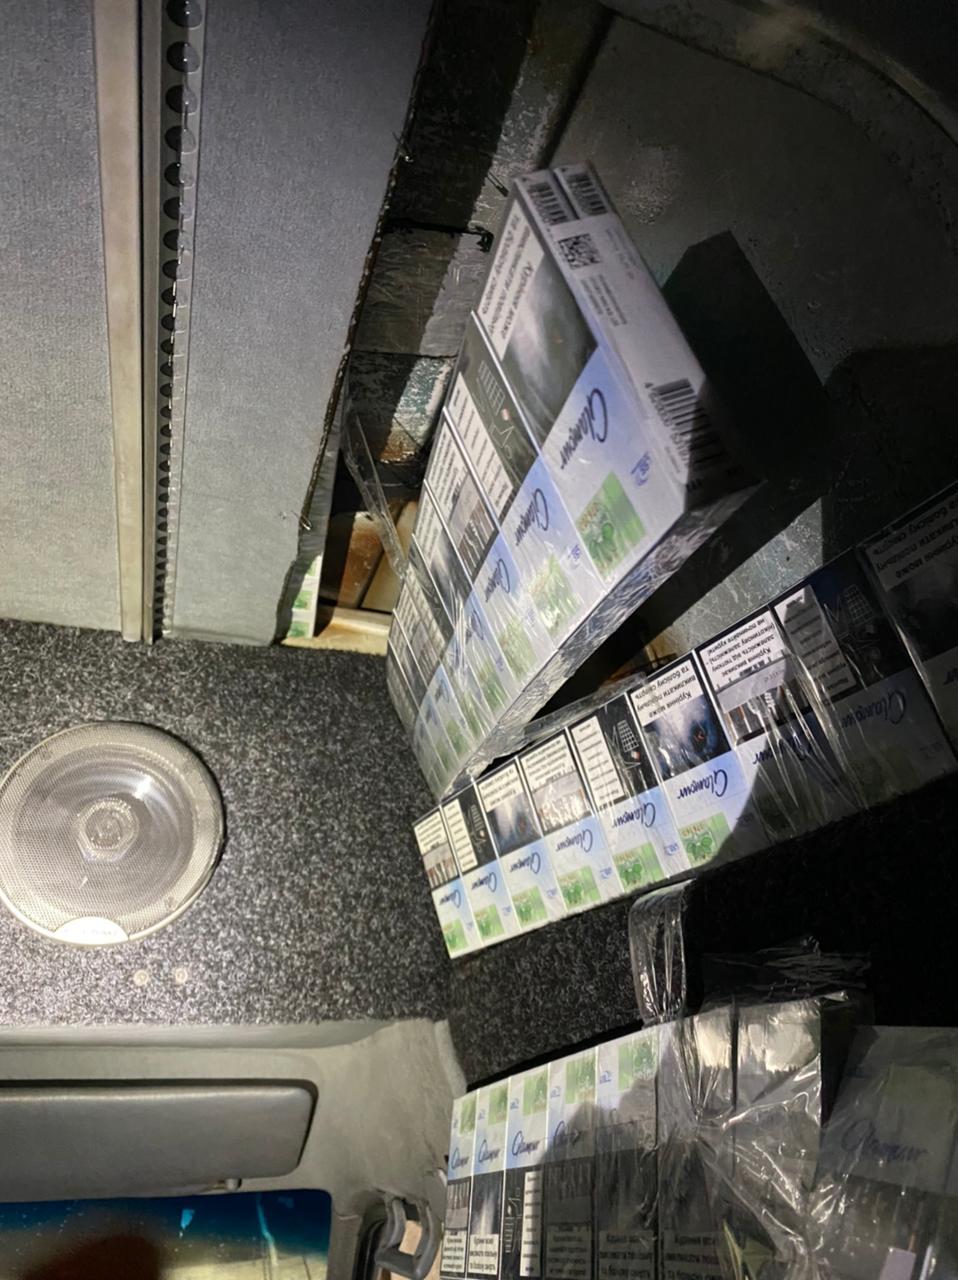 Громадянин Румунії намагався перевезти сигарети через кордон на Закарпатті, сховавши їх у подвійній стелі мікроавтобуса